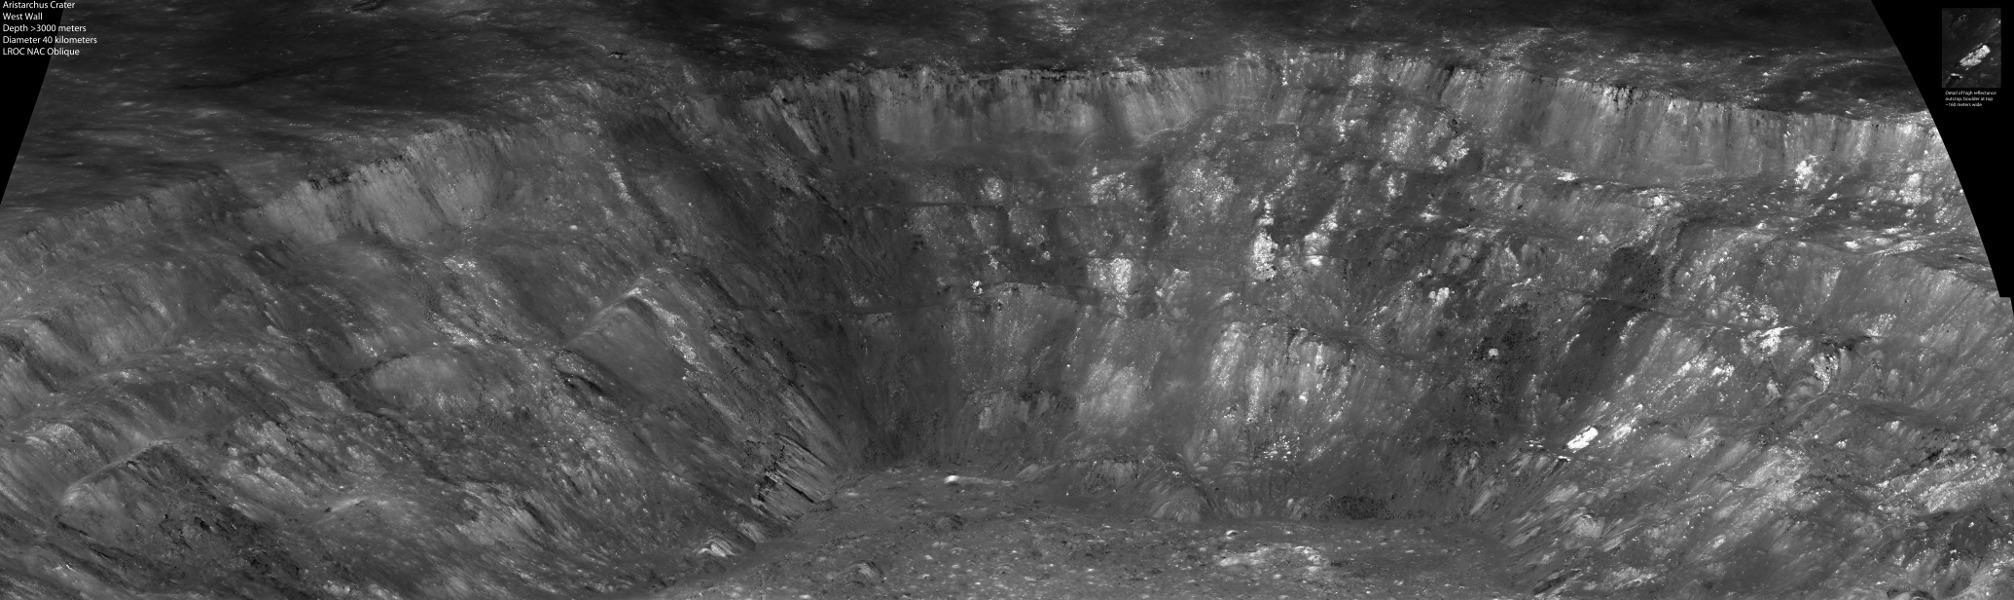 Le mur occidental du cratère Aristarque